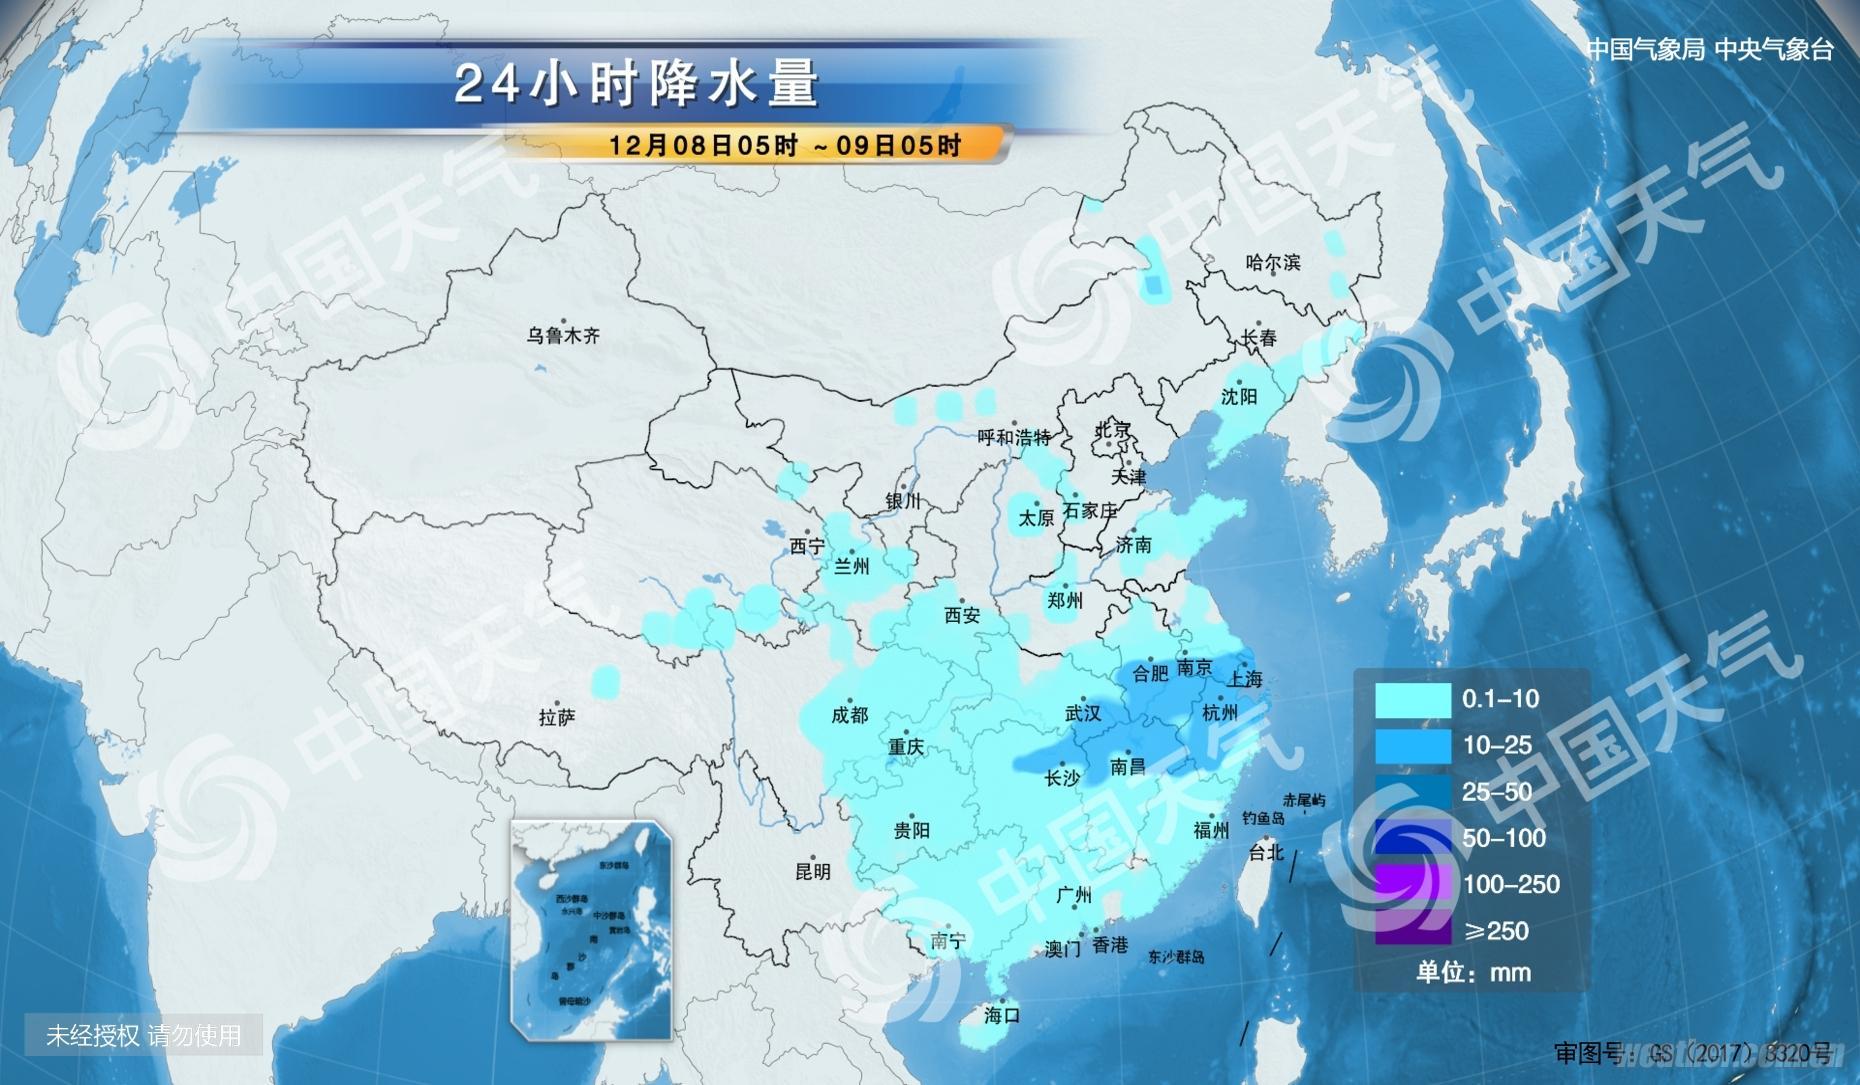 海丽气象吧丨山东气温缓慢回升 明天鲁东南有大到暴雪